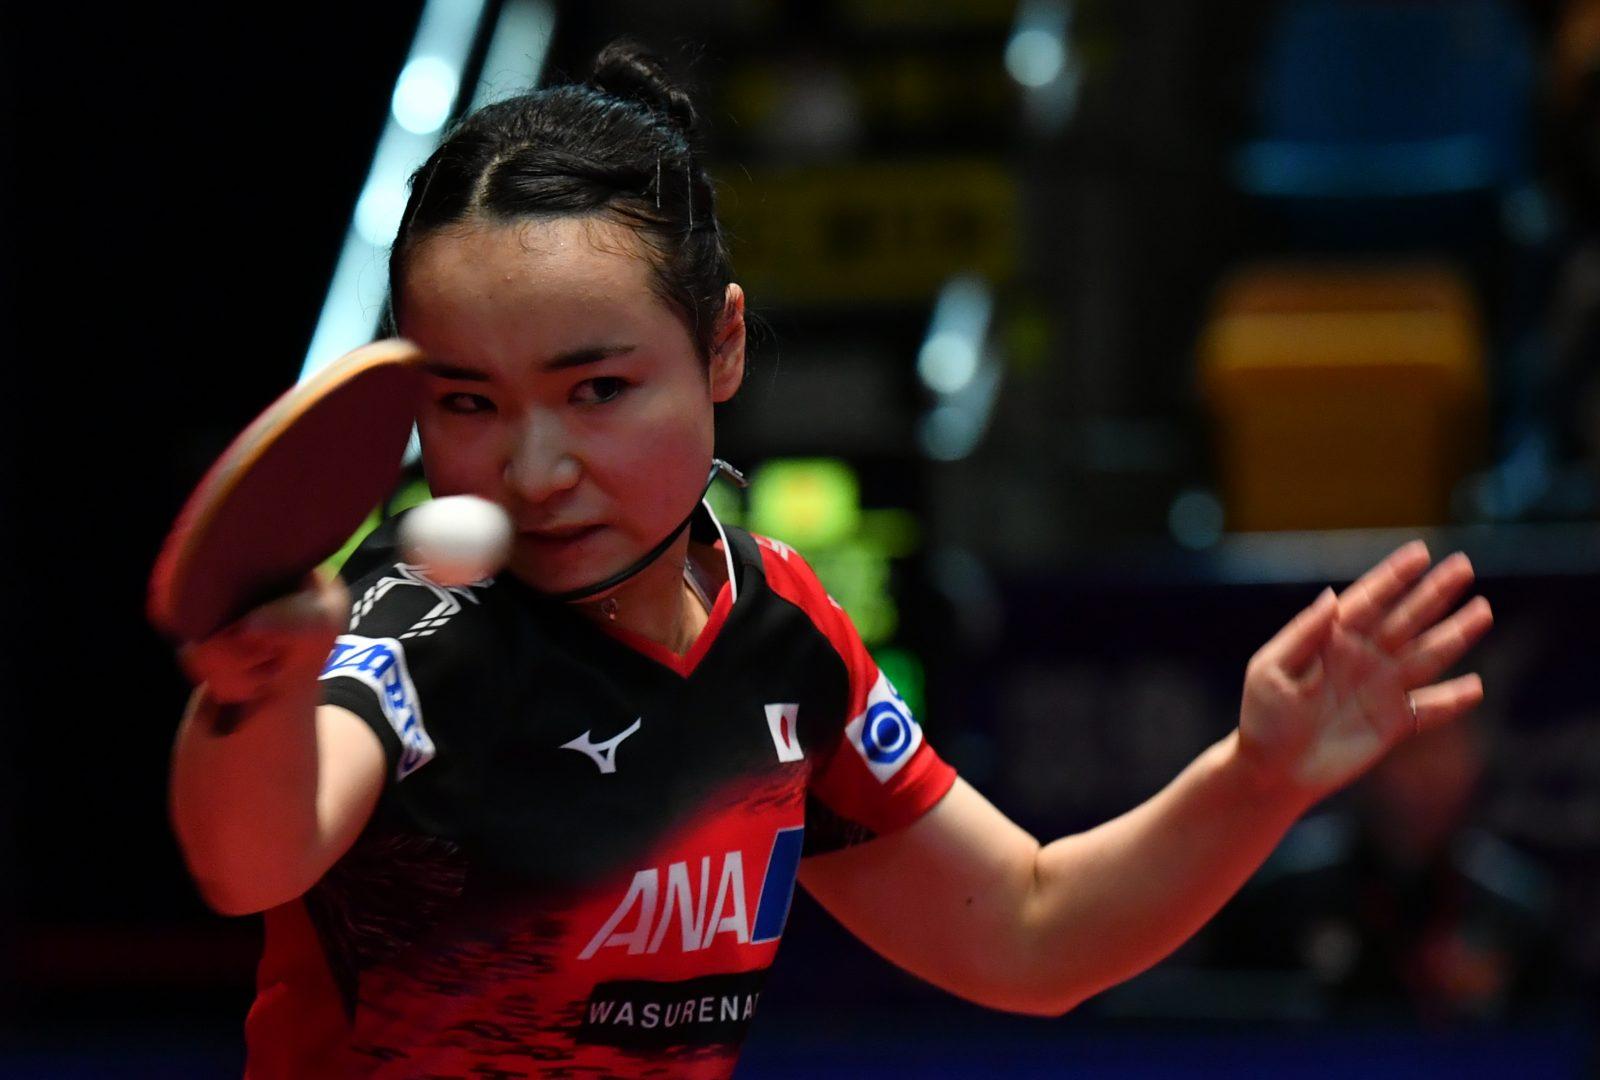 伊藤美誠が中国の同年代ライバルと激突 惜しくも敗れる【ITTFワールドツアー・香港オープン女子5日目の結果】